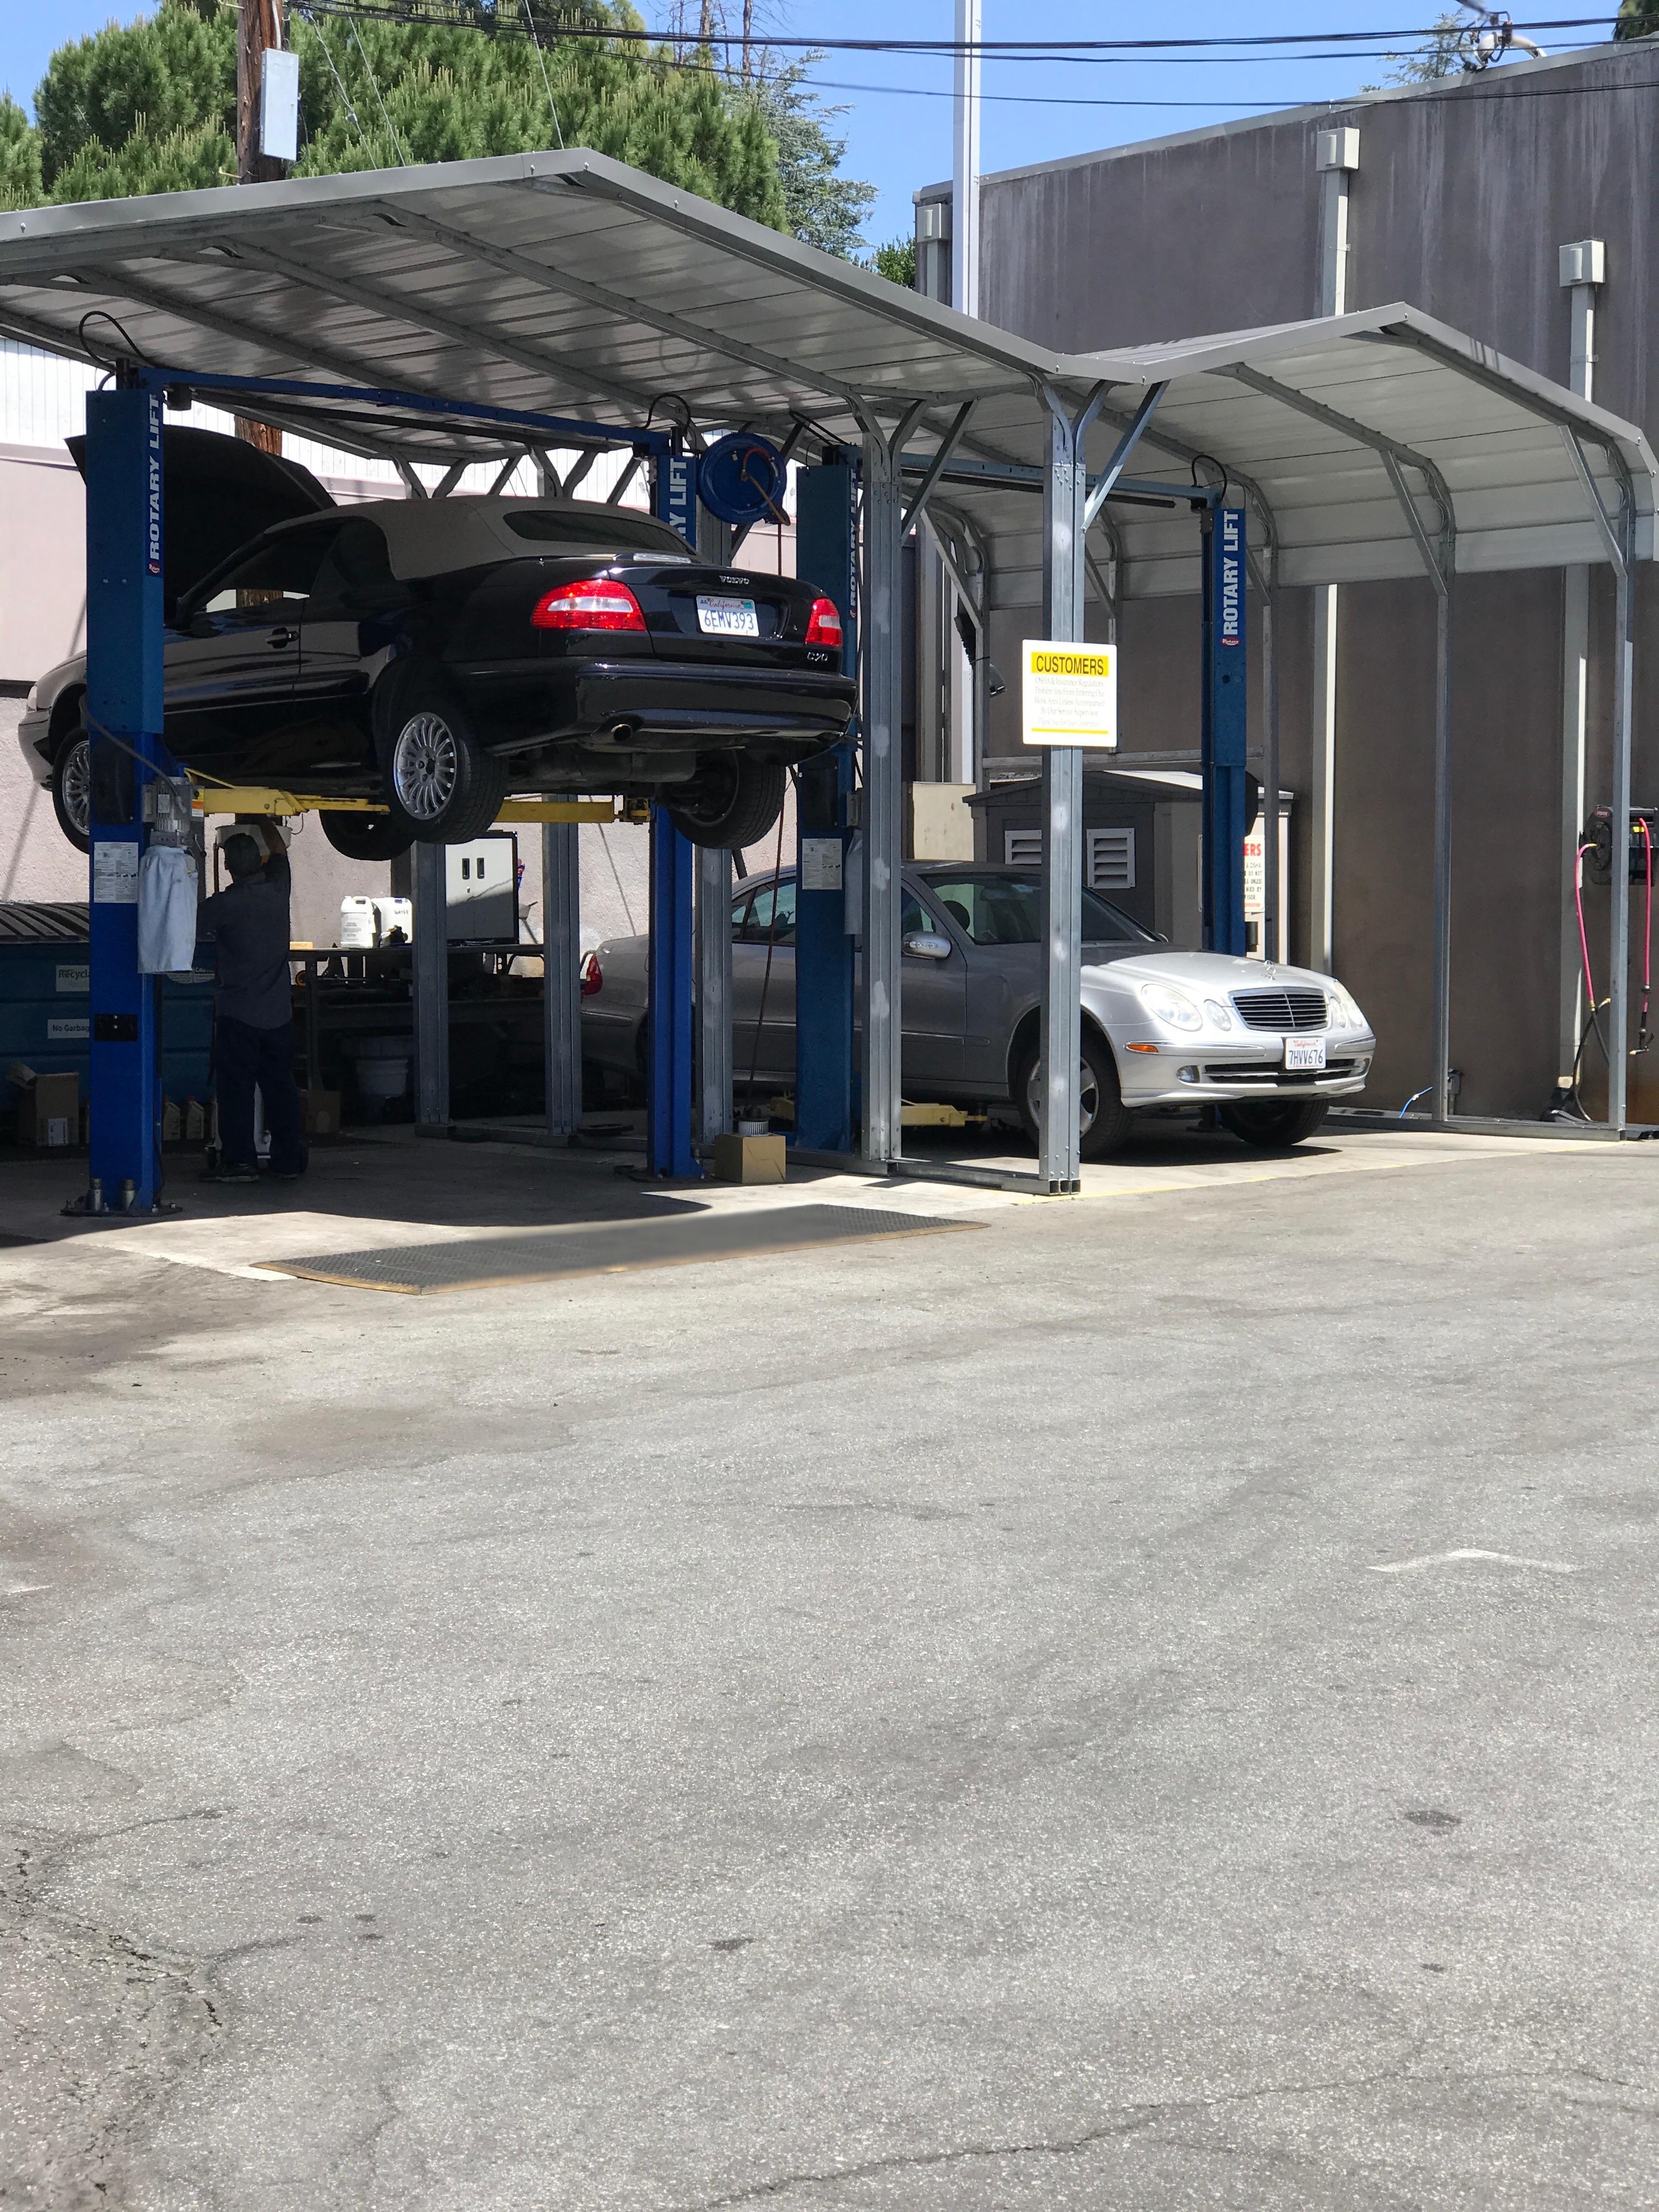 Ecar garage palo alto california ca for Garage europe auto center fresnes